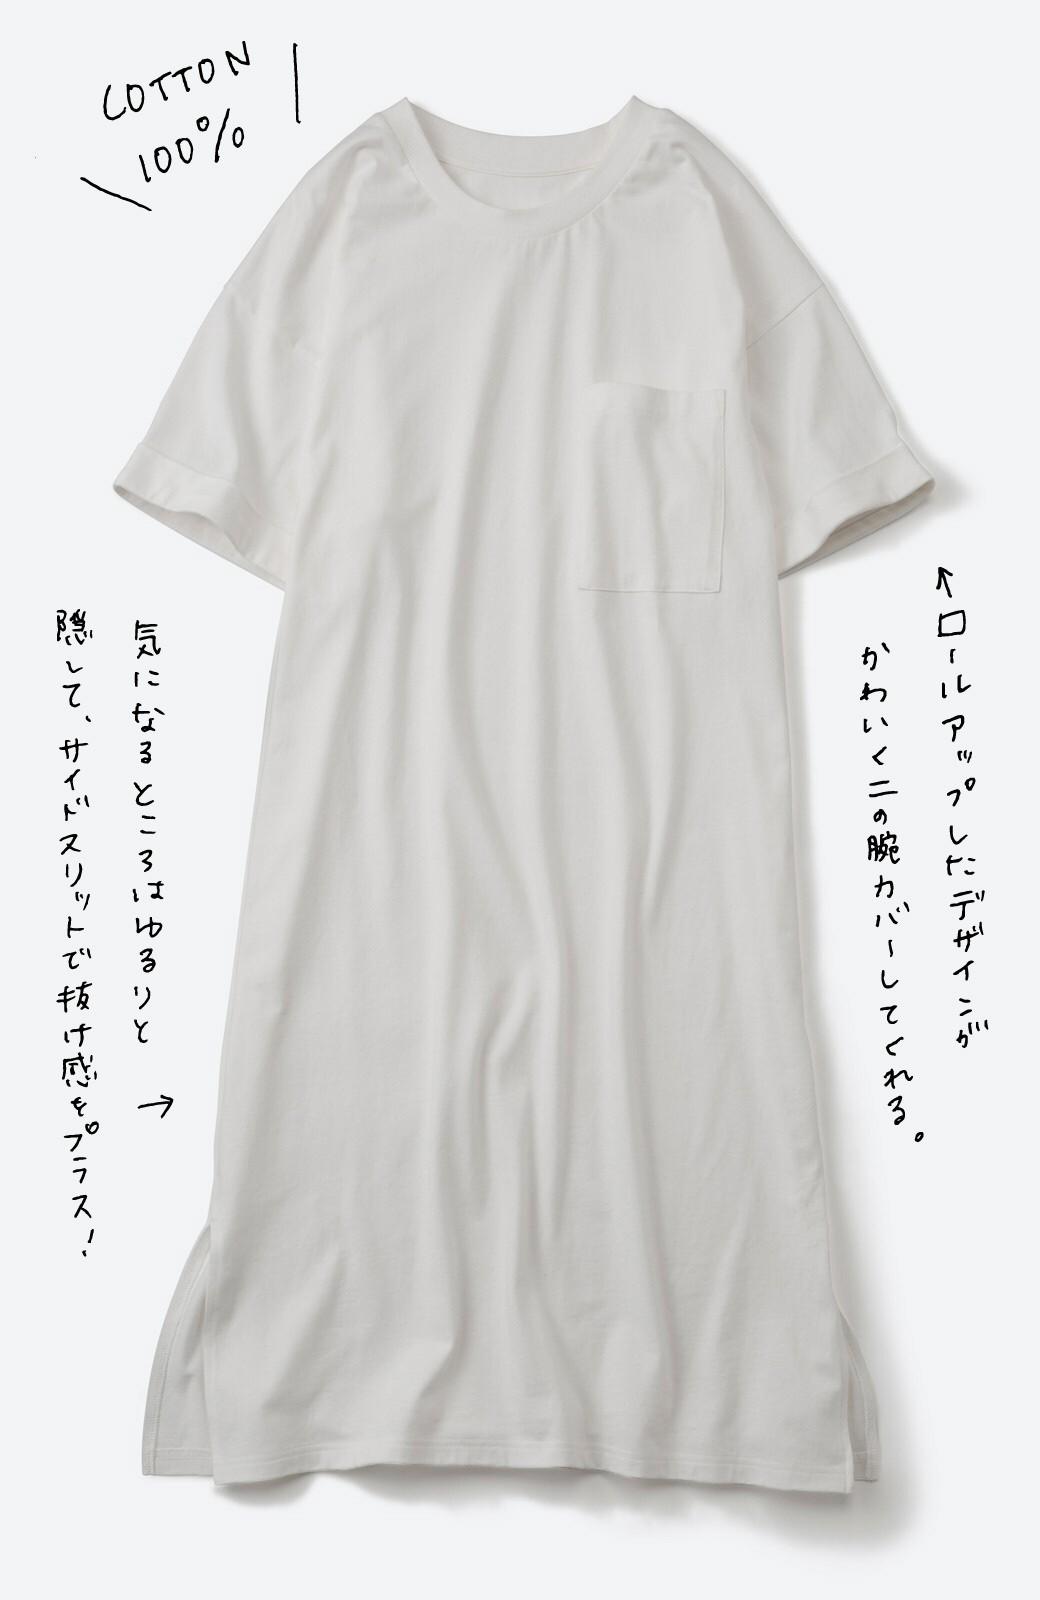 haco! 定番重ね着コーデを今っぽくアップデートできちゃう Tシャツワンピースとソフトチュールレギンスセット <オフホワイト>の商品写真3